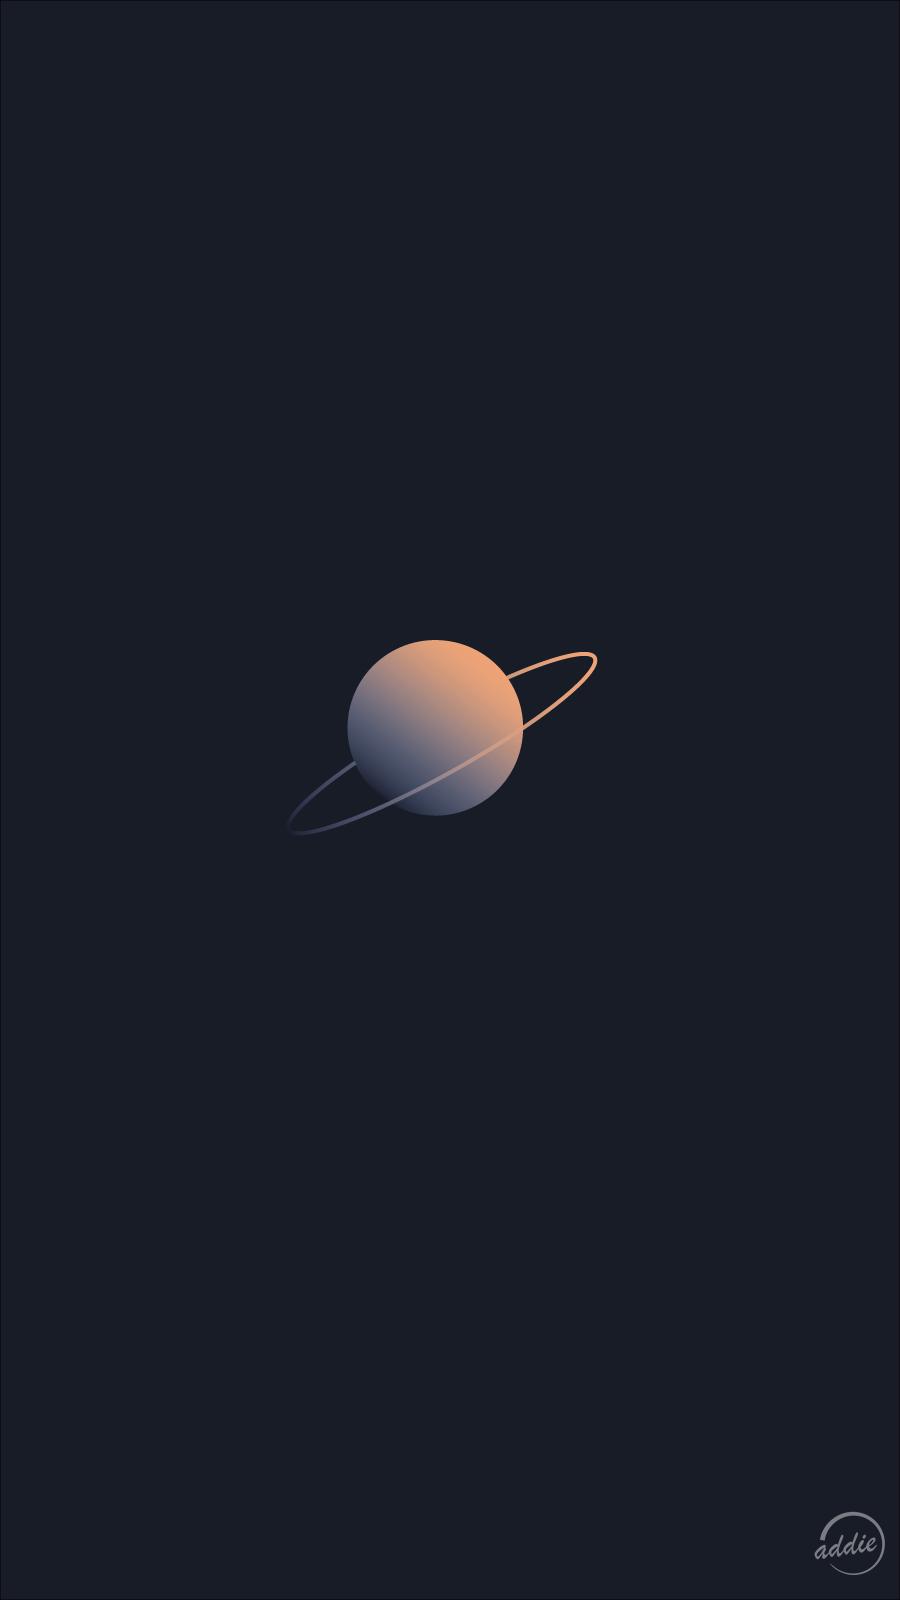 Minimal Saturn Phone Wallpaper